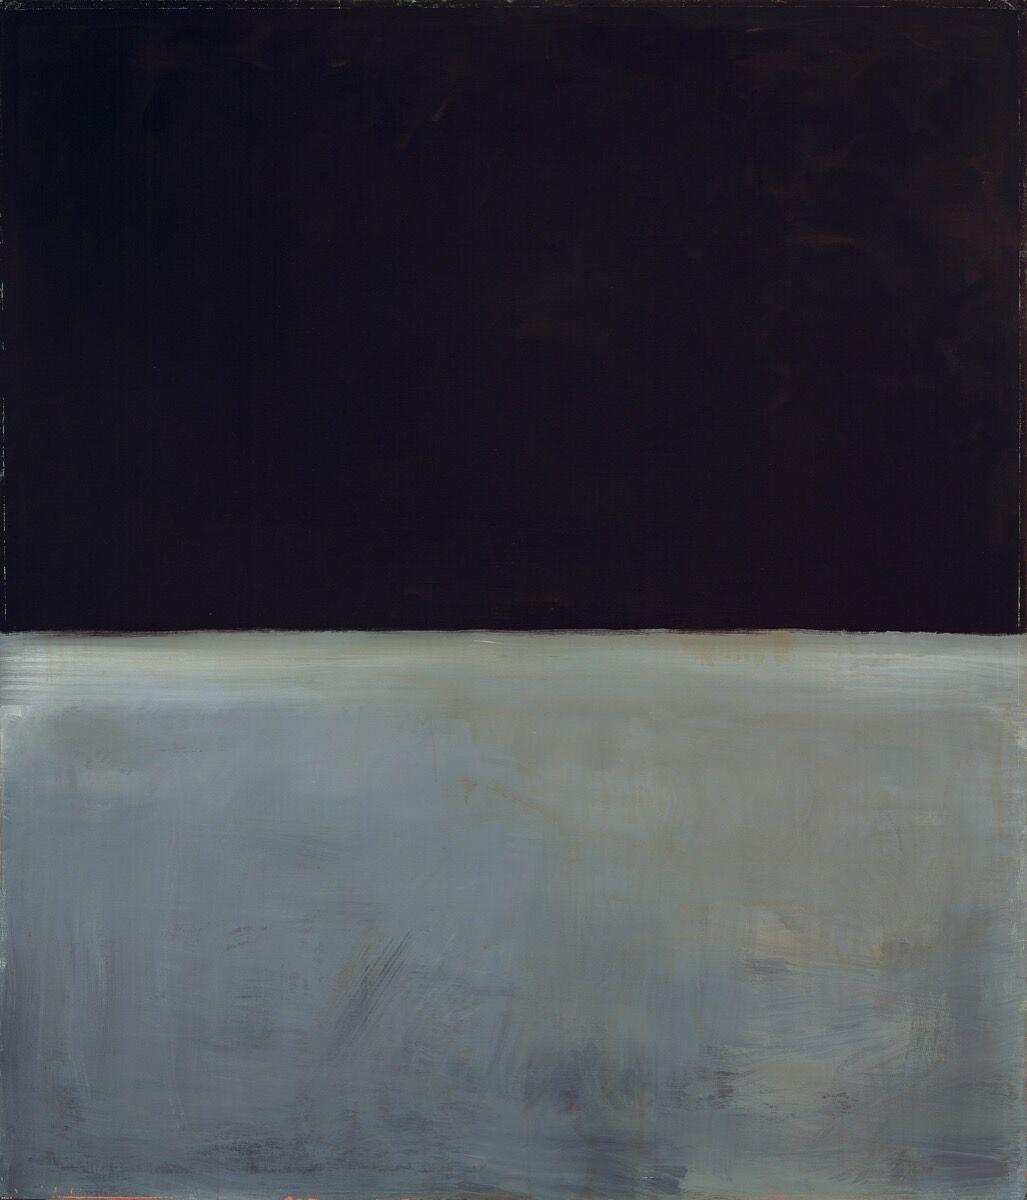 Mark Rothko, Untitled, 1969. © 1998 Kate Rothko Prizel & Christopher Rothko / Bildrecht, Vienna, 2019.